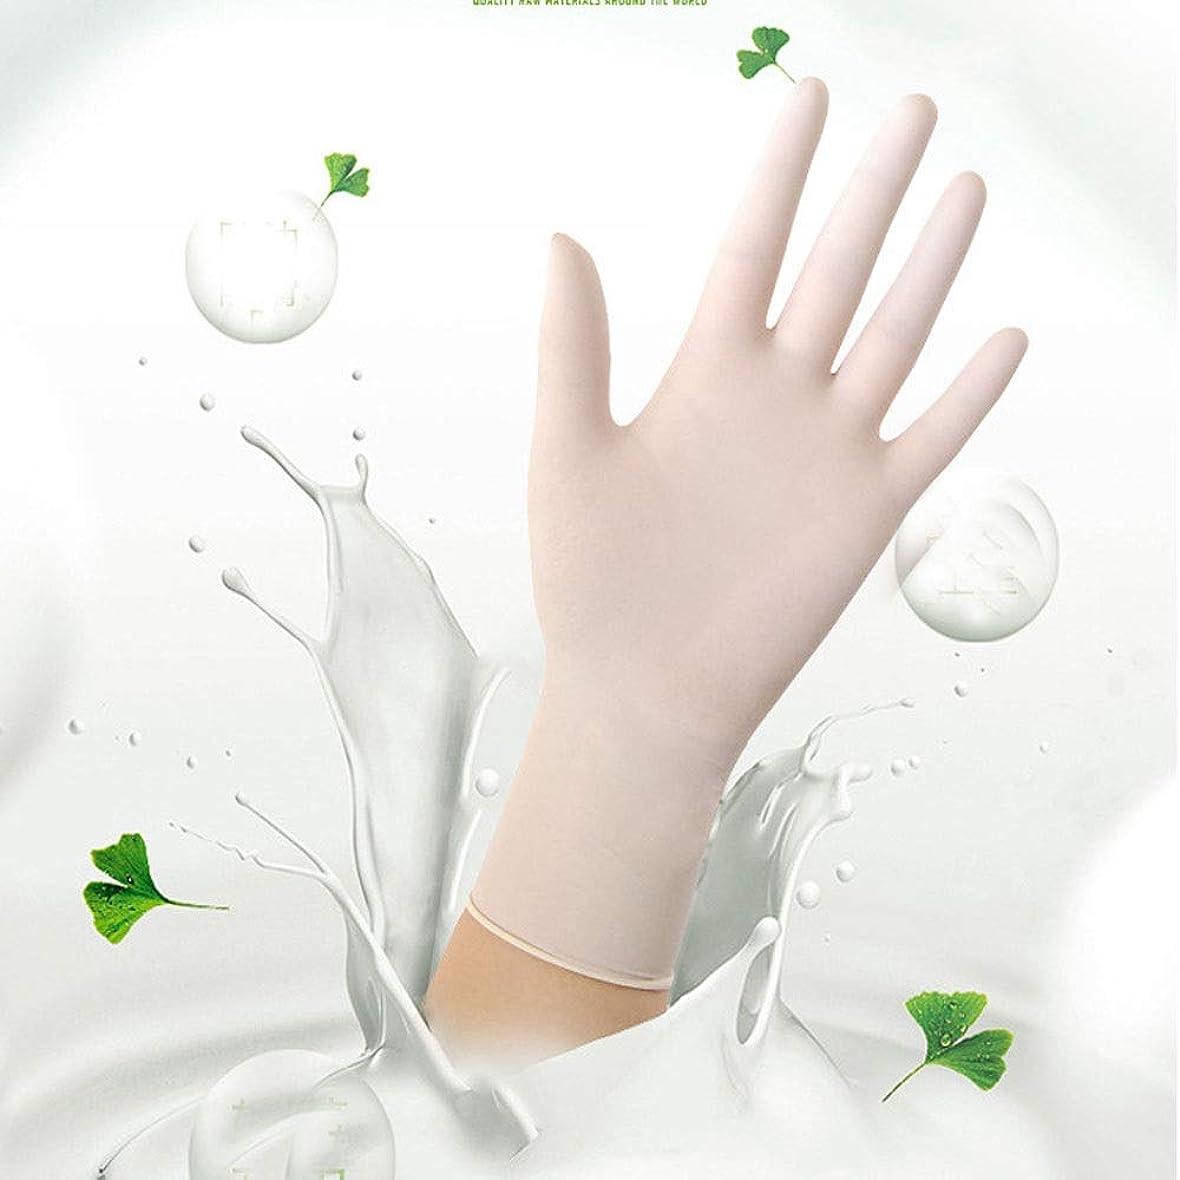 ピアースにもかかわらず未来ニトリル検査用手袋 - 医療用グレード、パウダーフリー、ラテックスラバーフリー、使い捨て、非滅菌、食品安全、インディゴ色、100カウント、サイズS-L (Color : White, Size : S)